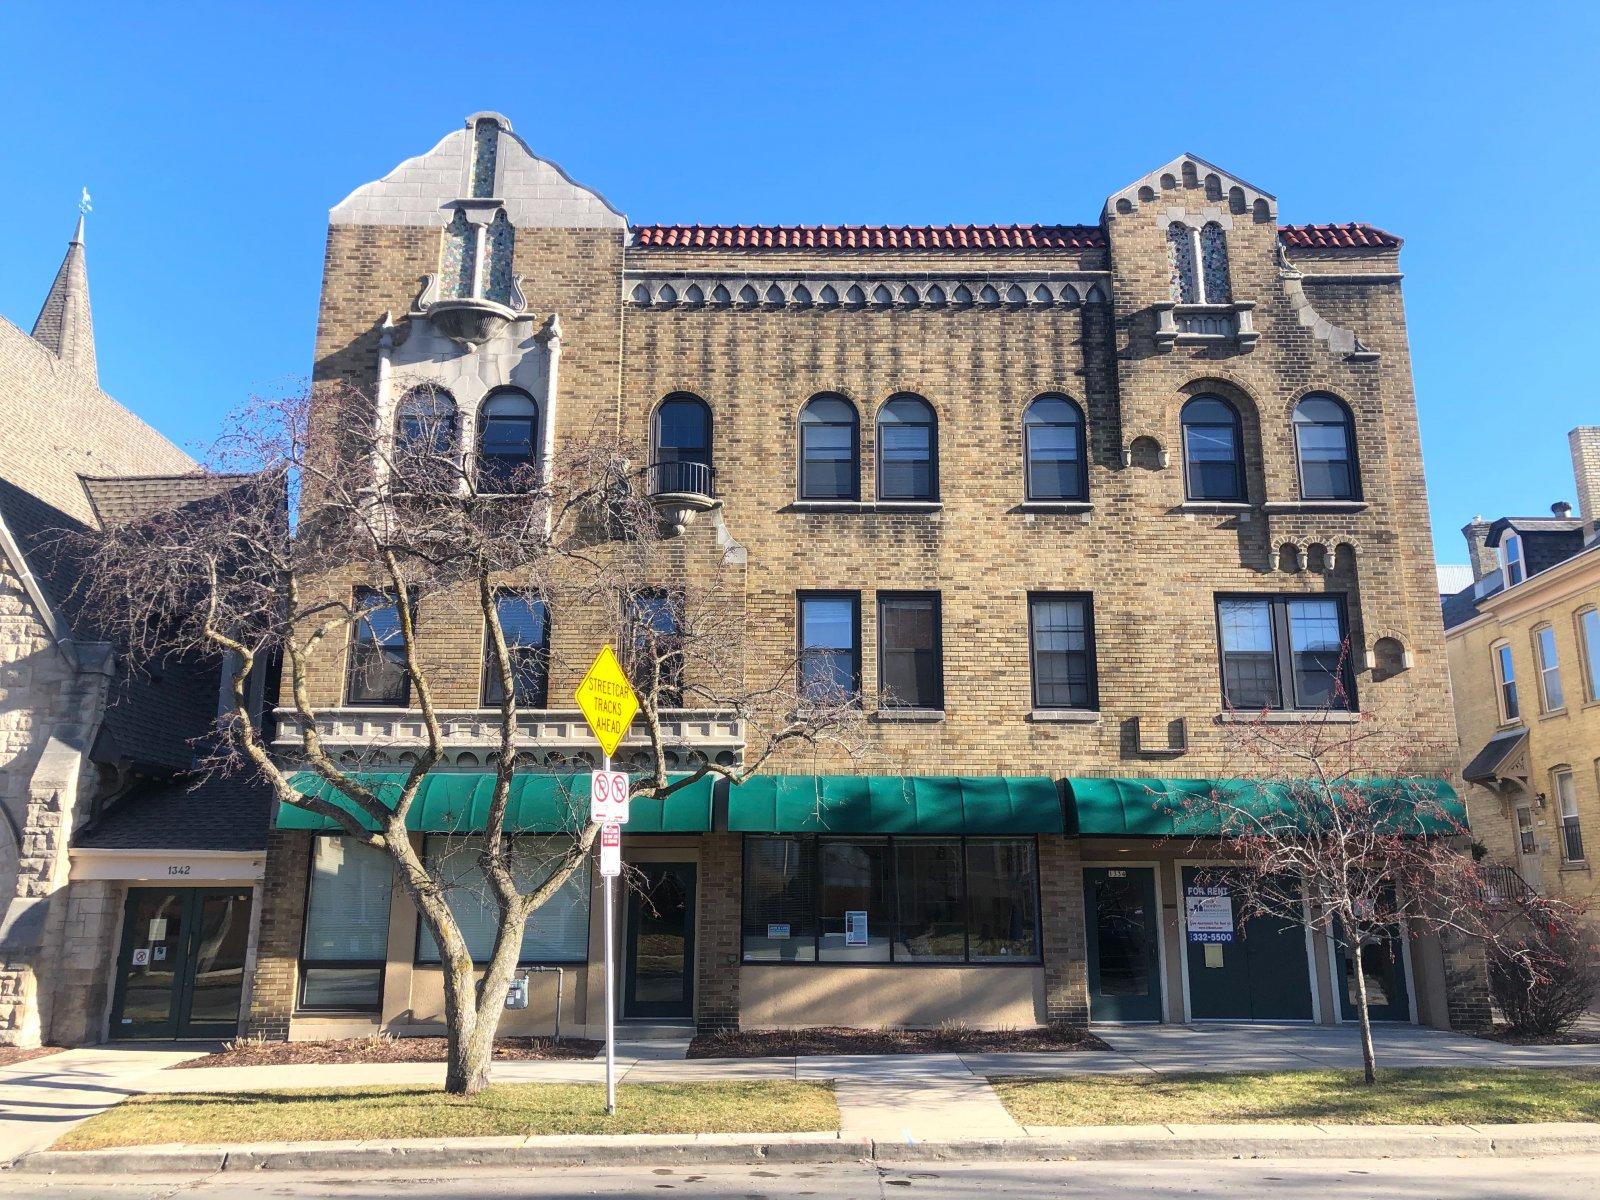 1332-1338 N. Astor St.